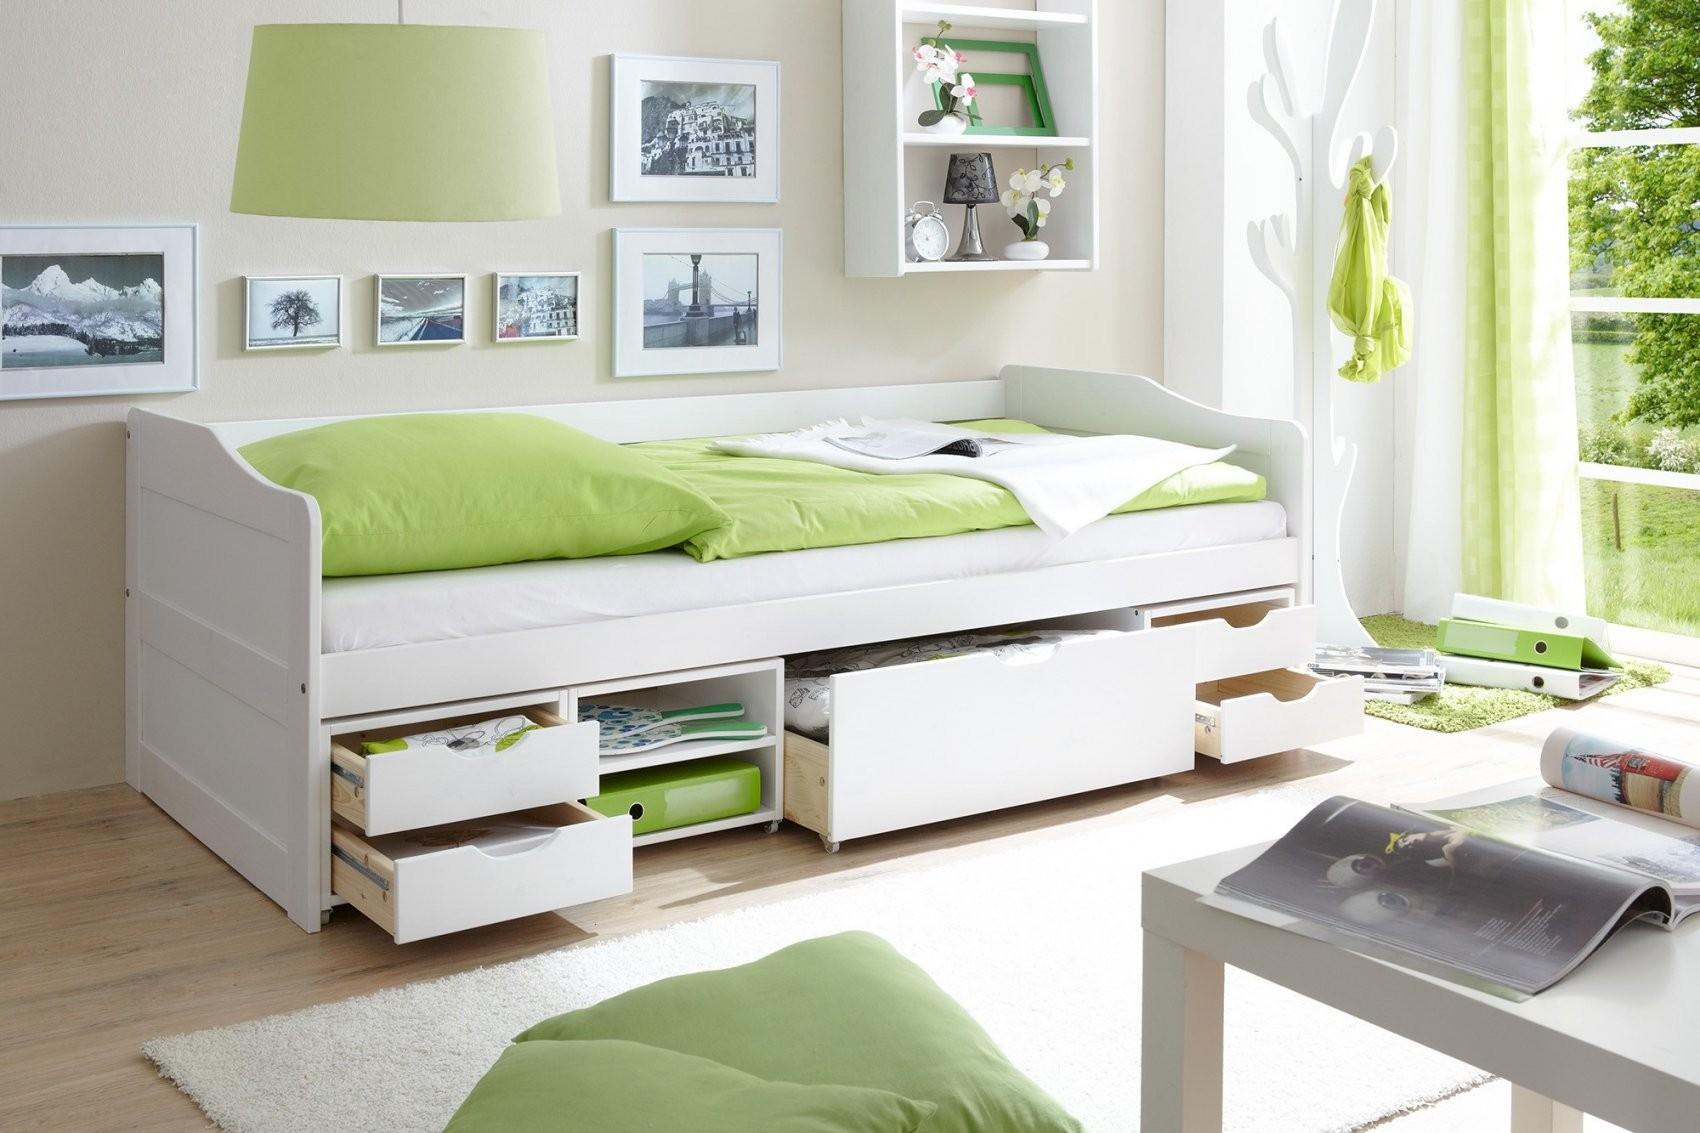 Jugendbett Mit Bettkasten  Schubladen Günstig Online Kaufen  Real von Bett Mit Schubladen 90X200 Weiß Bild